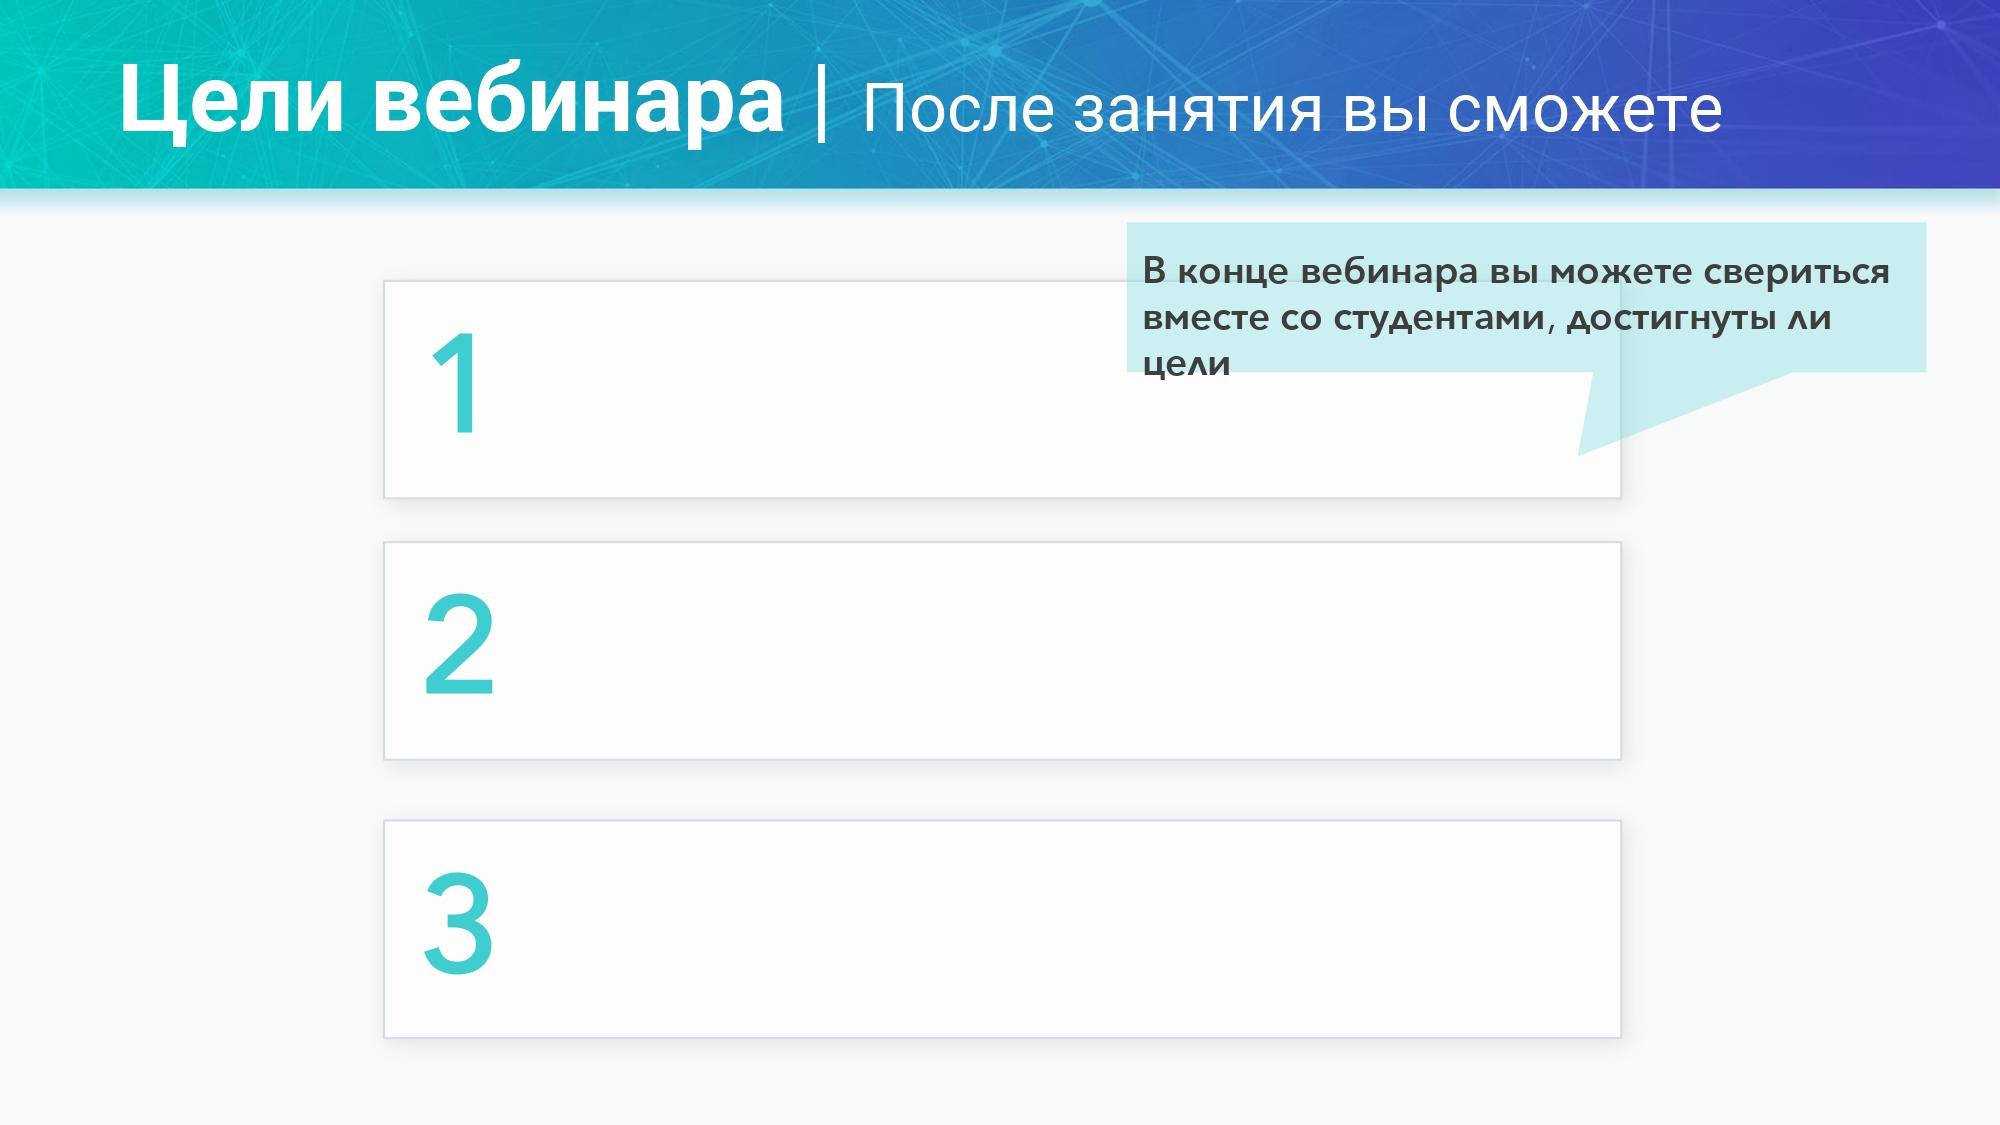 Шаблон_презентации_вебинара_в_новом_дизайне_с_подсказками_page_0008-73510-f0051a.jpg